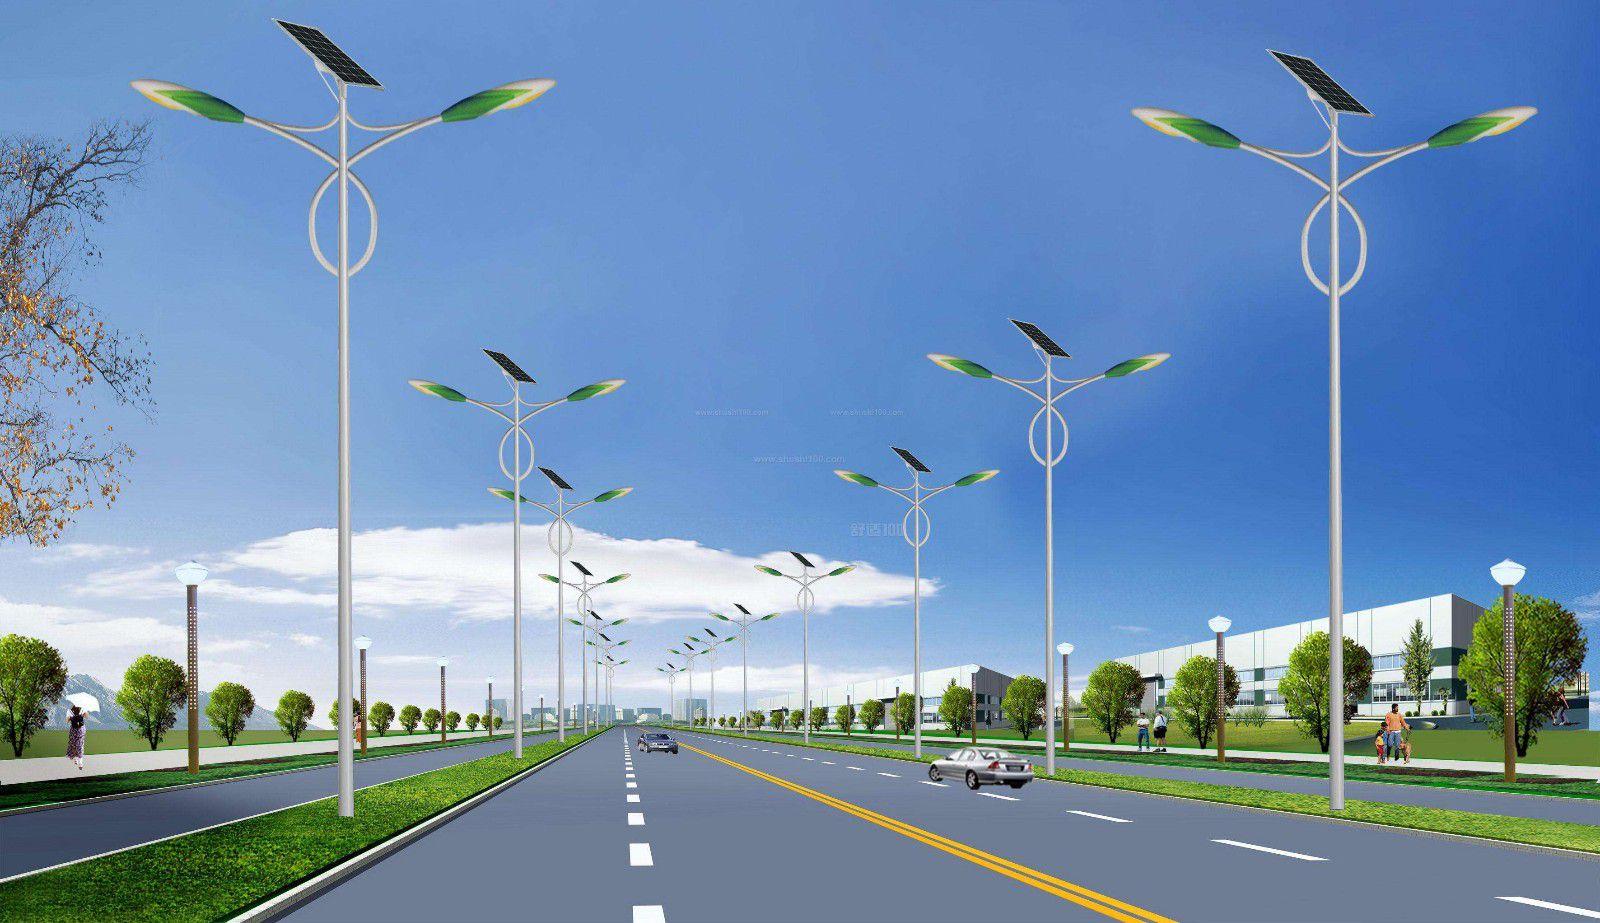 四川省甘孜藏族自治州稻城县太阳能路灯一般